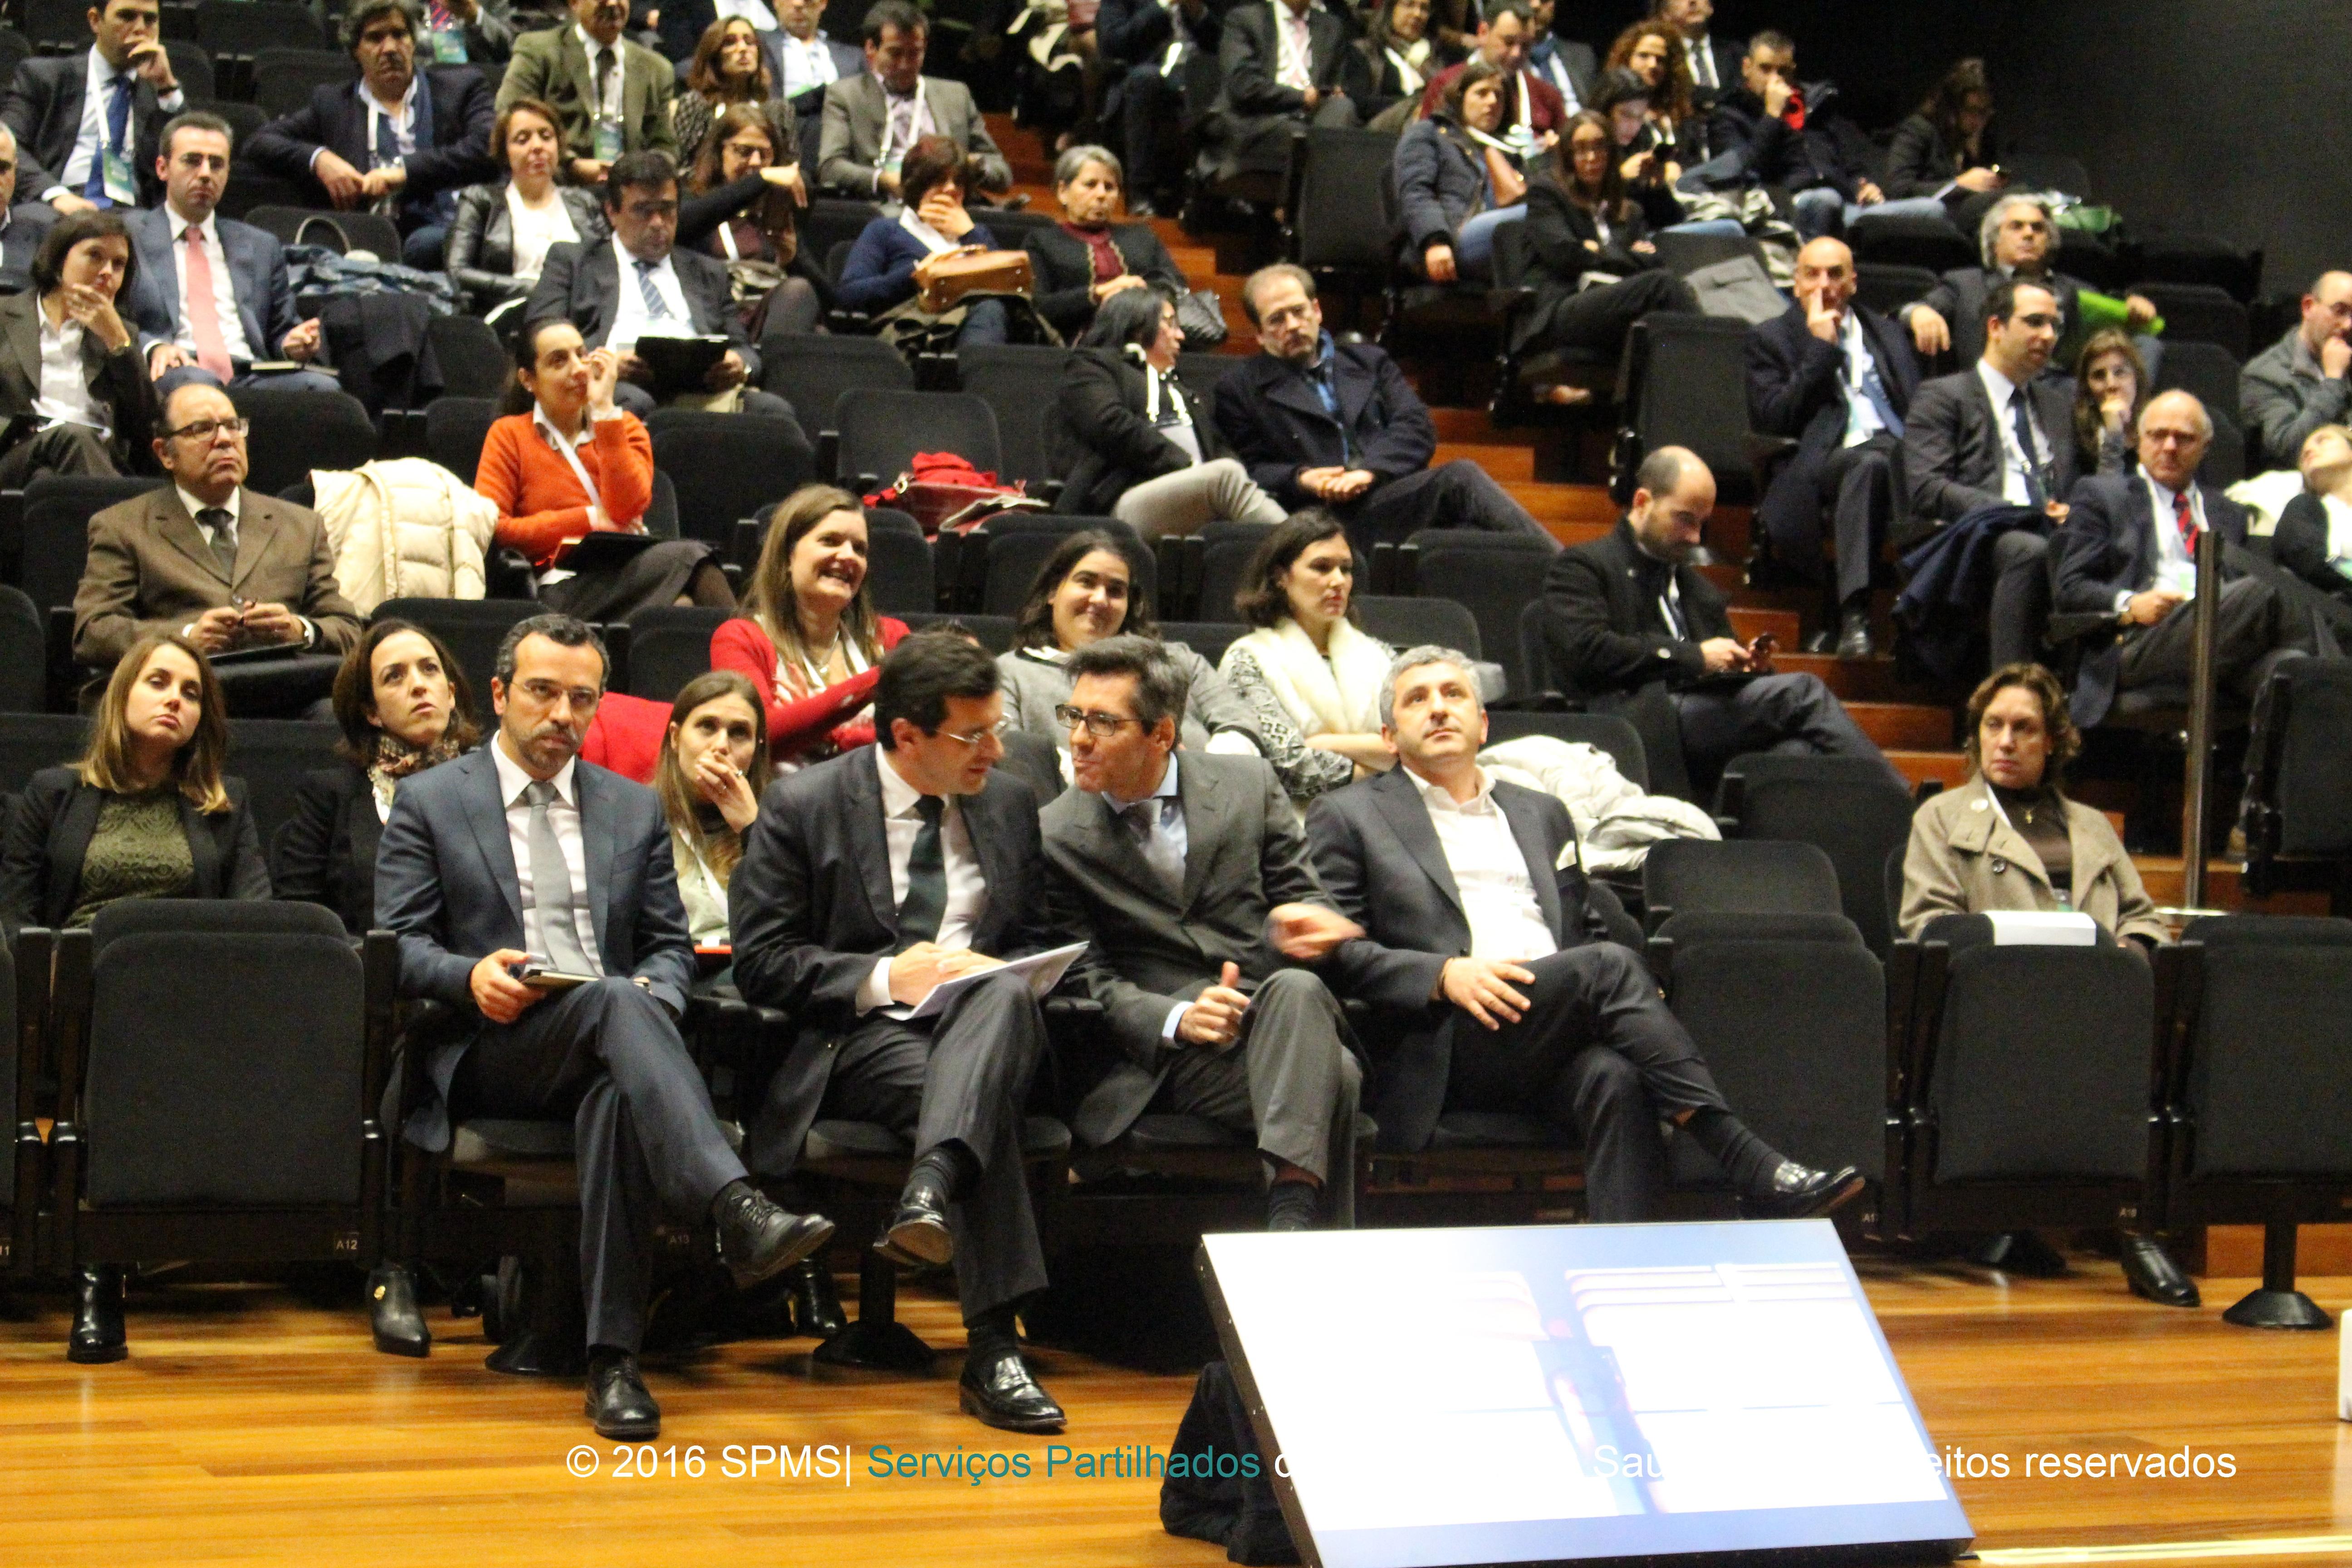 Ministro da Saúde, Adalberto Campos Fernandes, Presidente da SPMS, Henrique Martins, Vogal executivo SPMS, Artur Trindade Mimoso